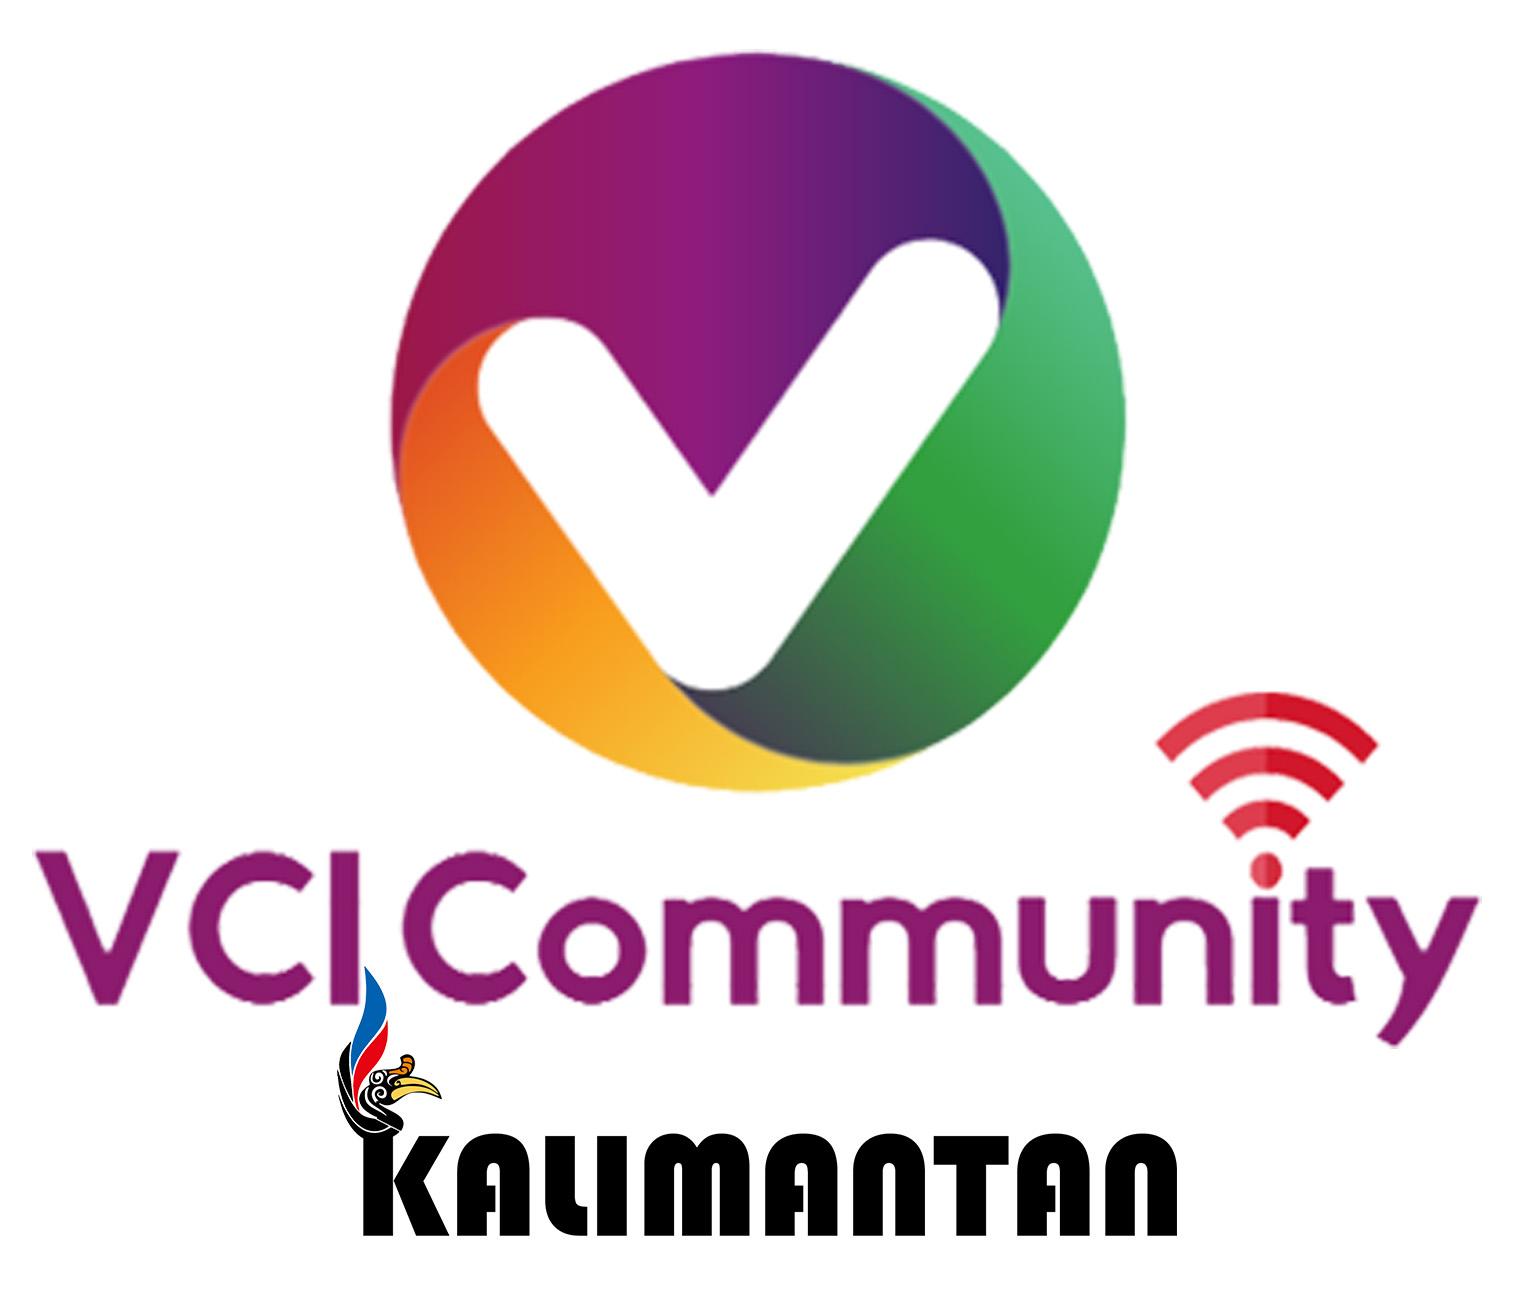 VCI Community Kalimantan